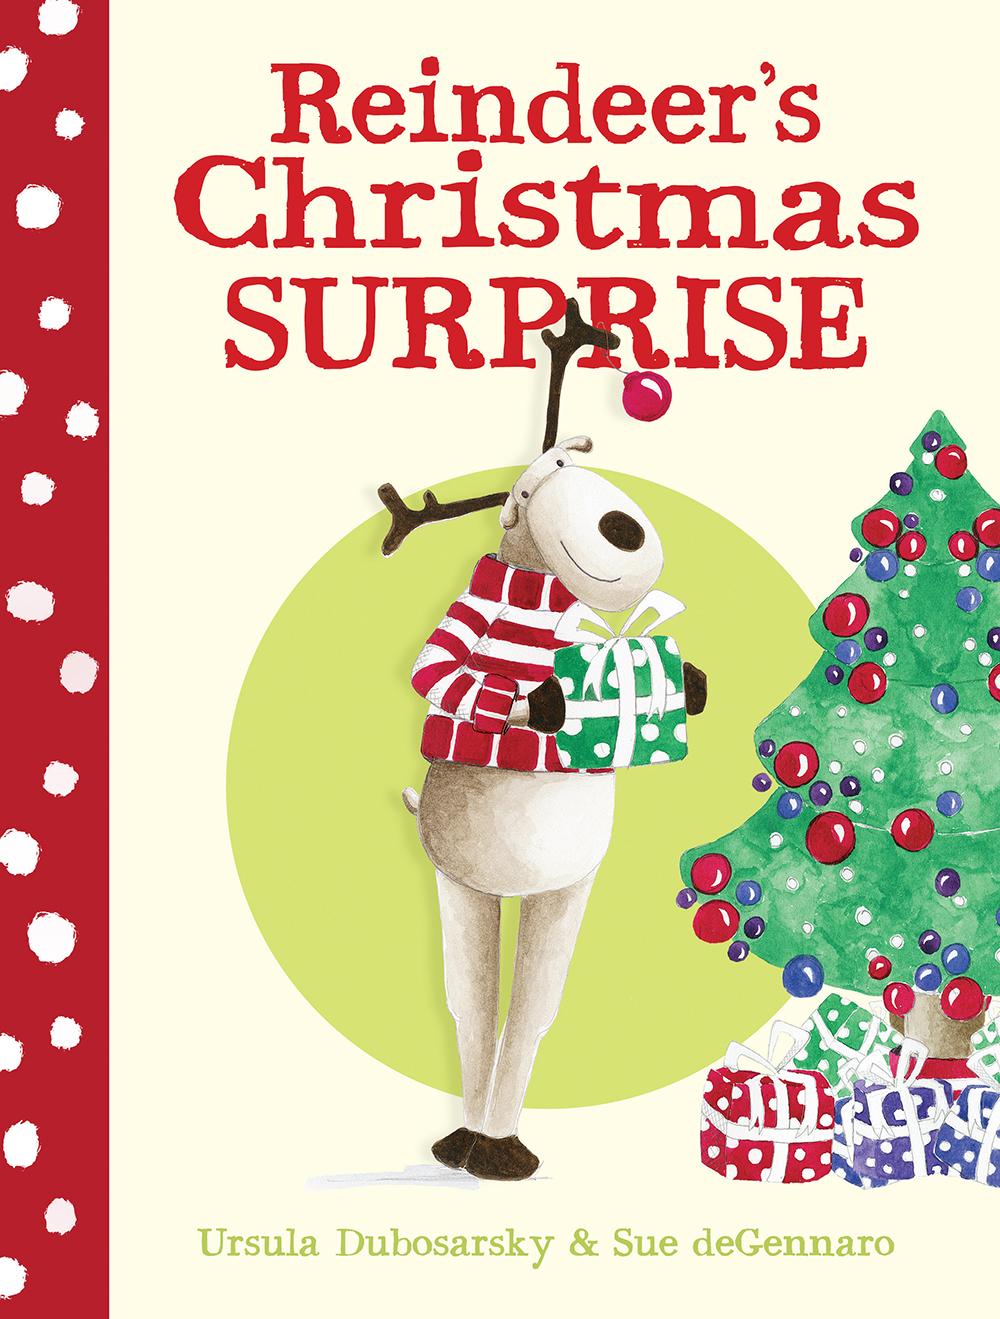 Reindeer's Christmas Surprise - Ursula Dubosarsky   Sue deGennaro    Allen and Unwin